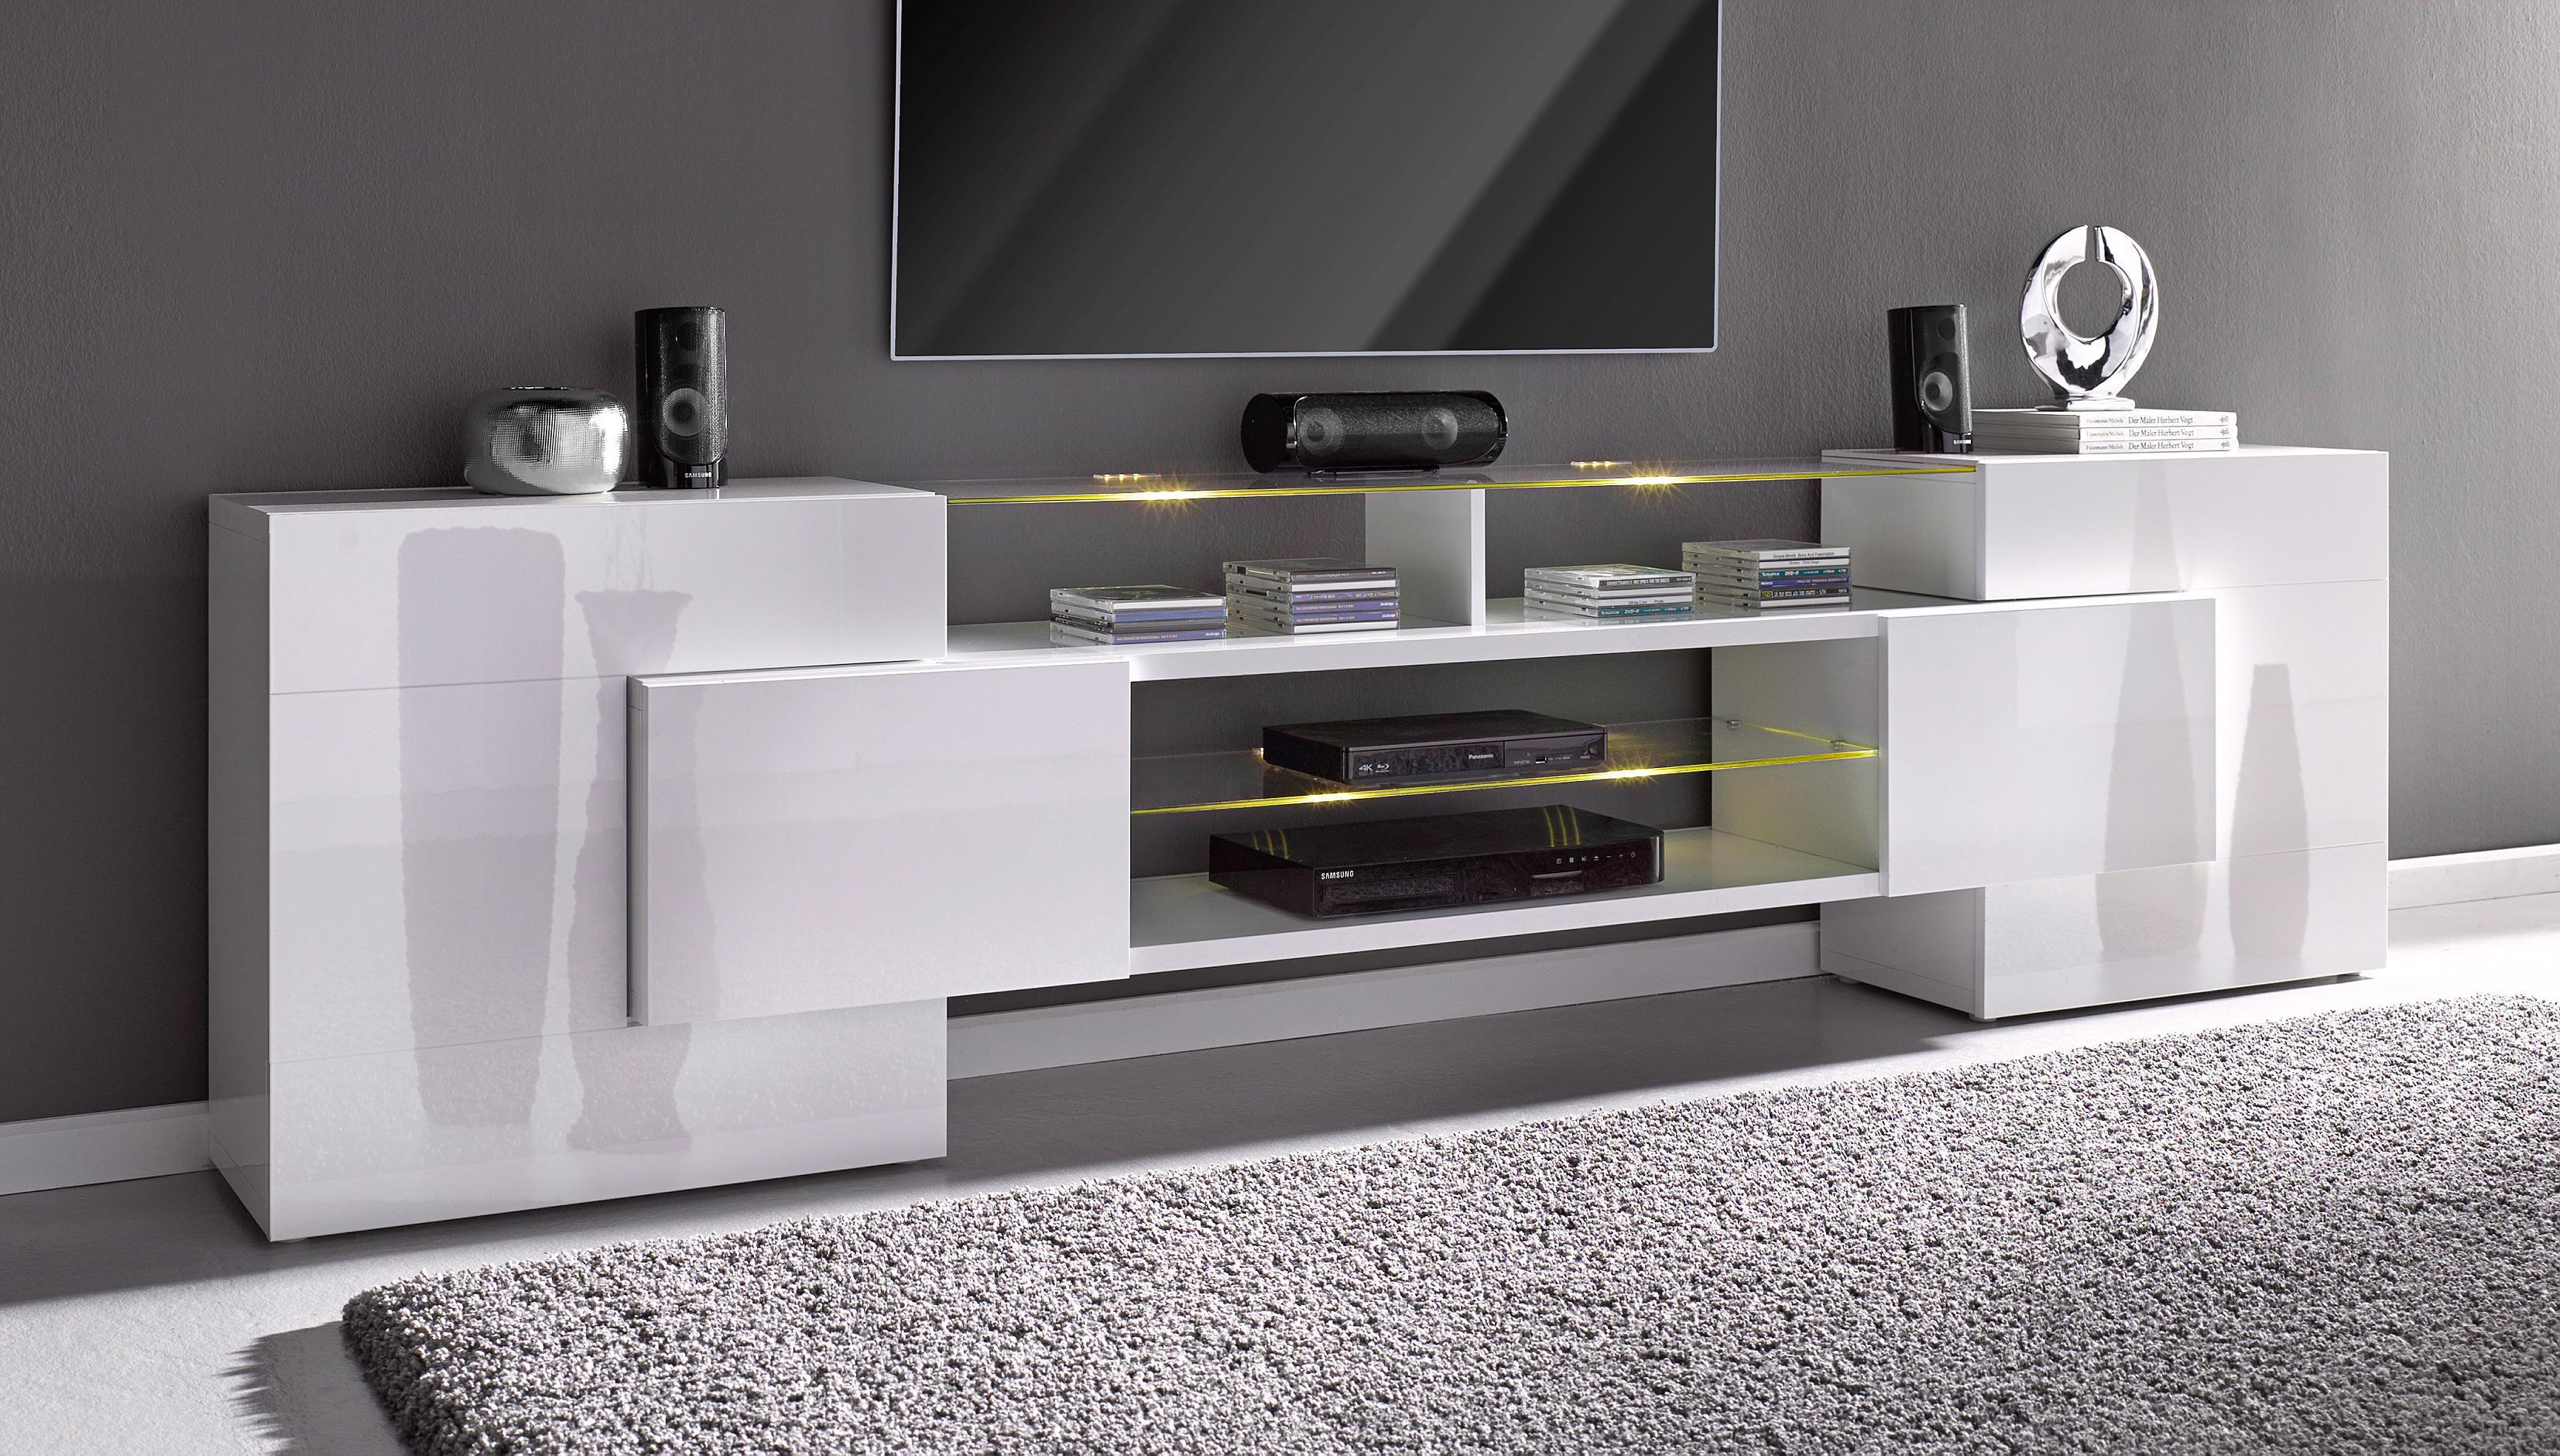 einrichtungstrend regale ersetzen wohnwand ratgeber haus garten. Black Bedroom Furniture Sets. Home Design Ideas